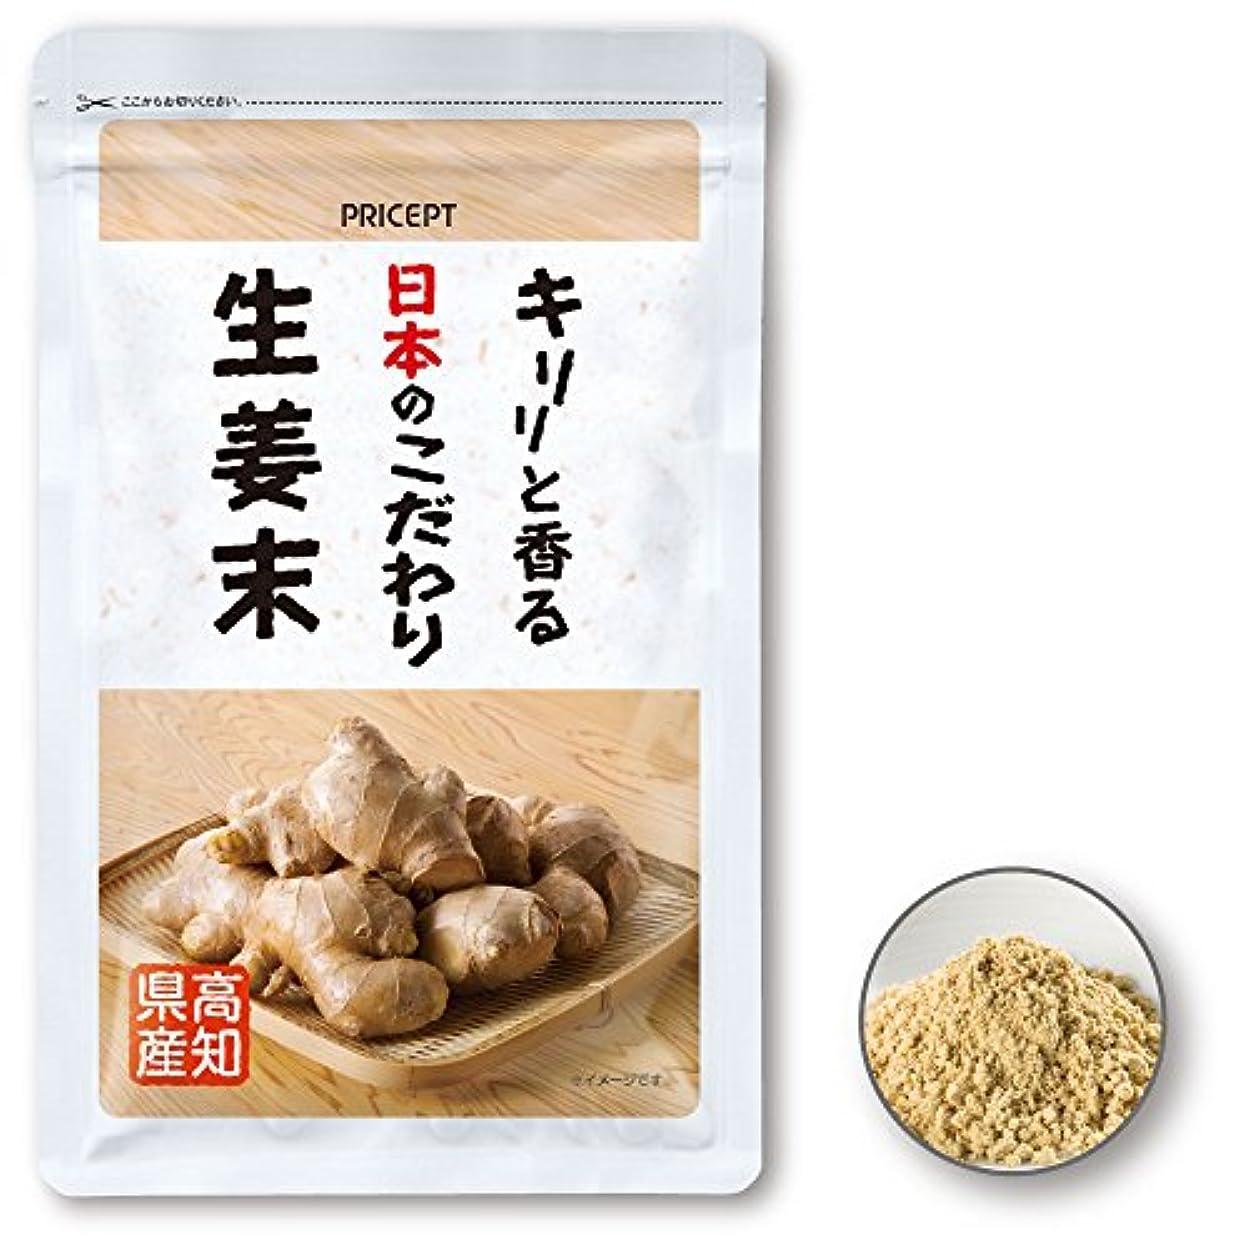 雪のイタリアの回転プリセプト キリリと香る日本のこだわり生姜末 50g(単品)(高知県産しょうが粉末)